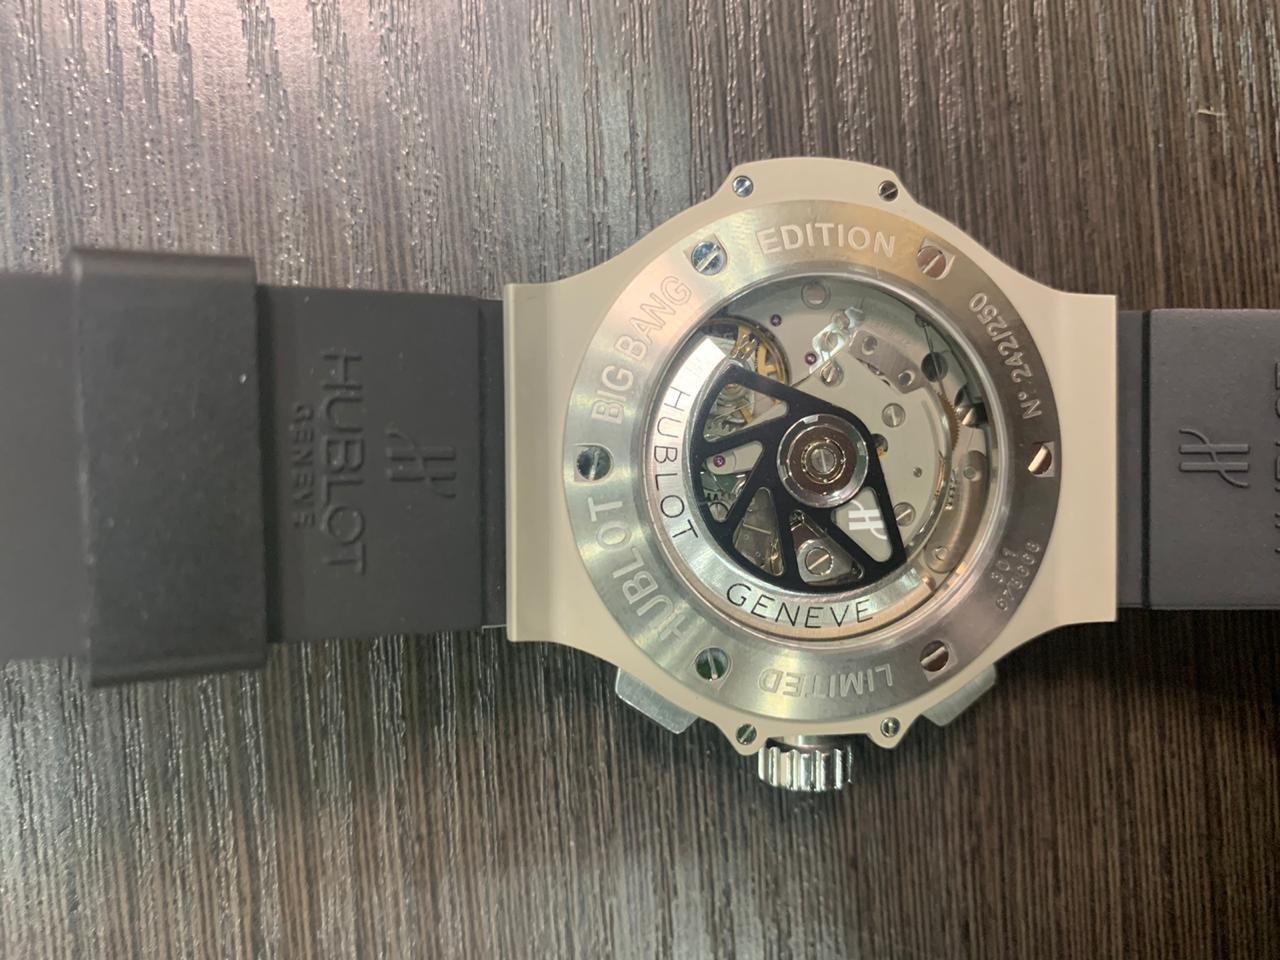 Парфуми, коштовні годинники та Covid-тести: на Сумщині затримали контрабанду на 9 мільйонів, фото-3